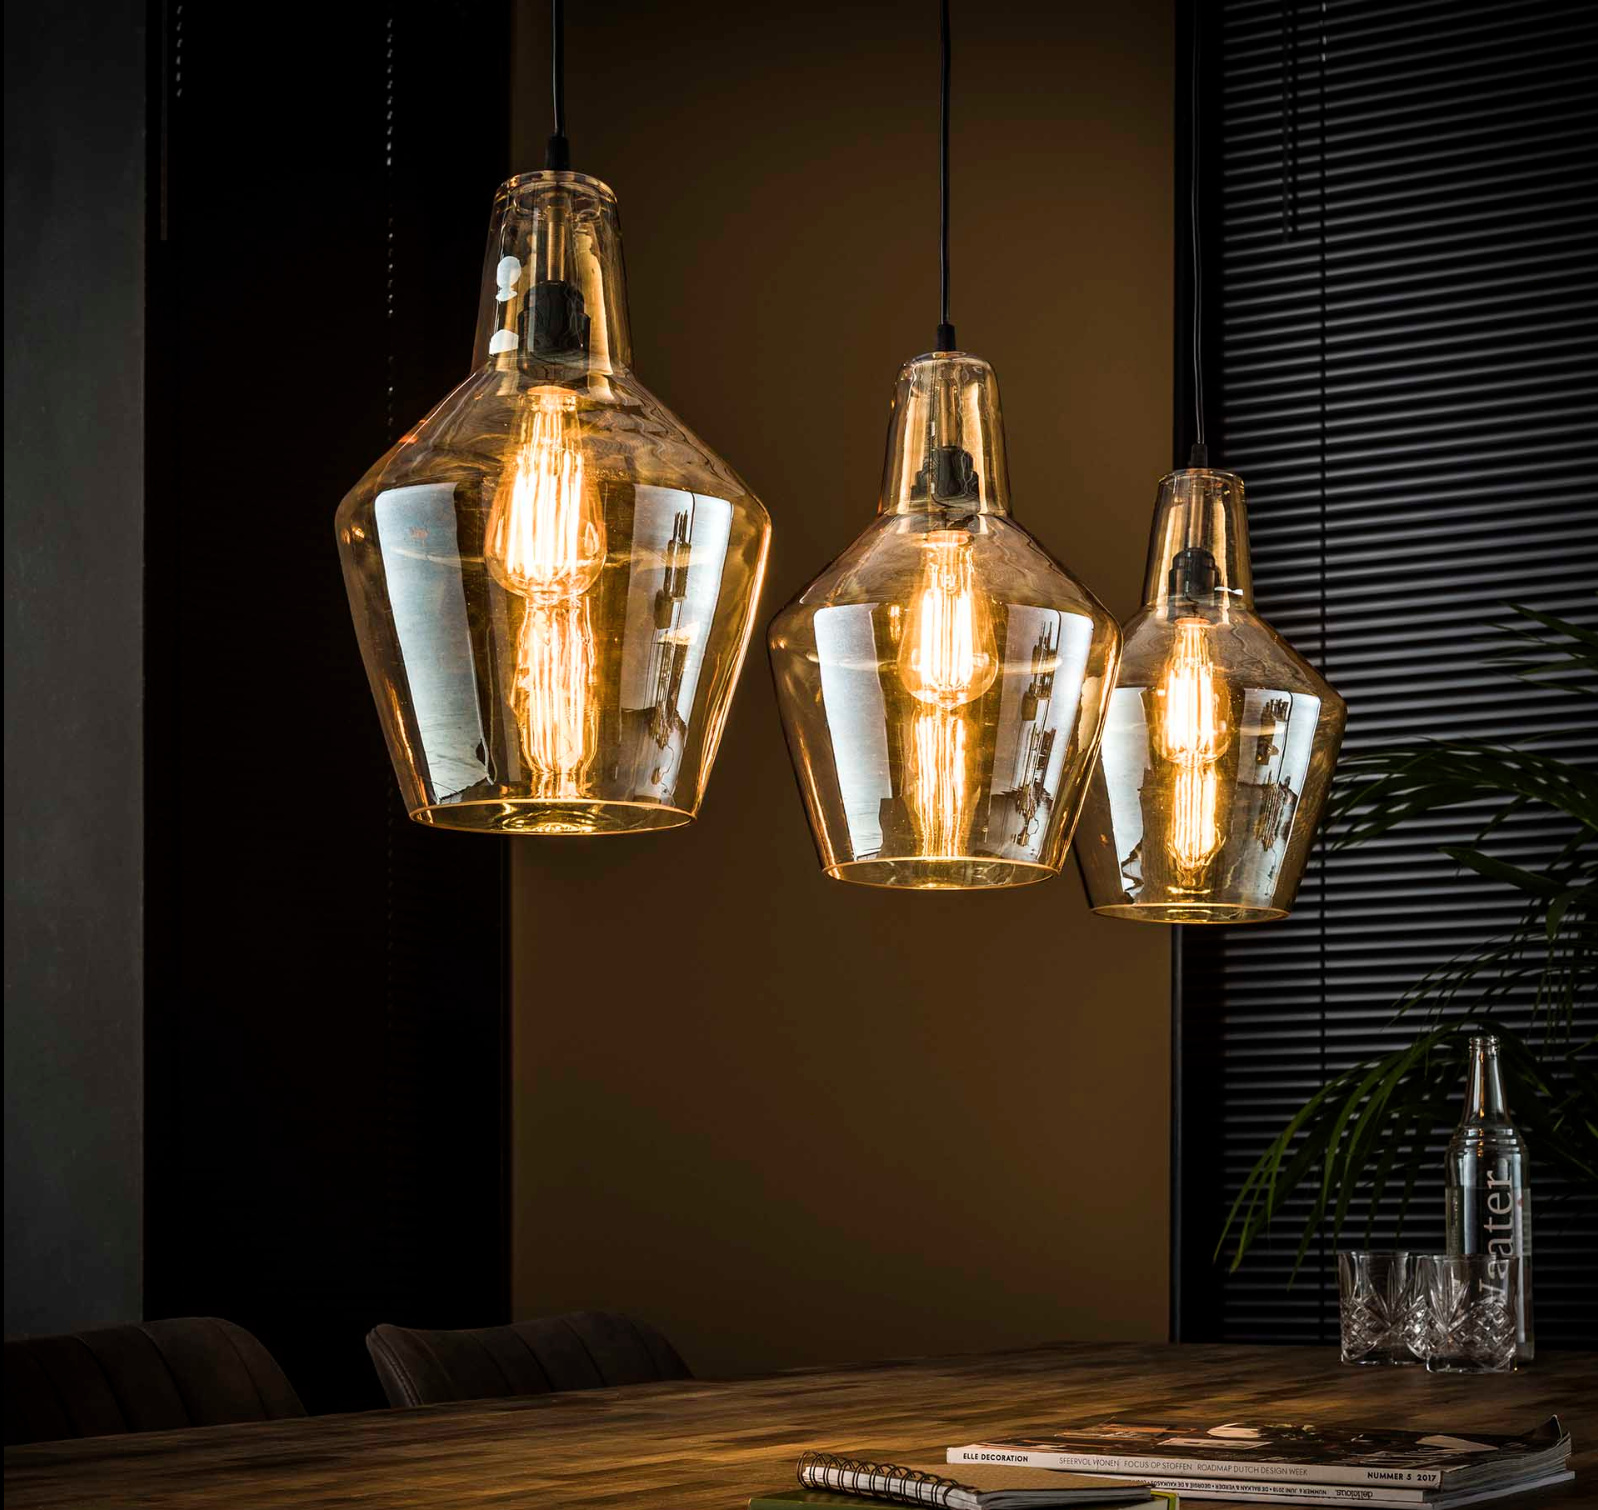 De Perfecte Hanglamp Boven Jouw Eettafel 5 Functionele Tips